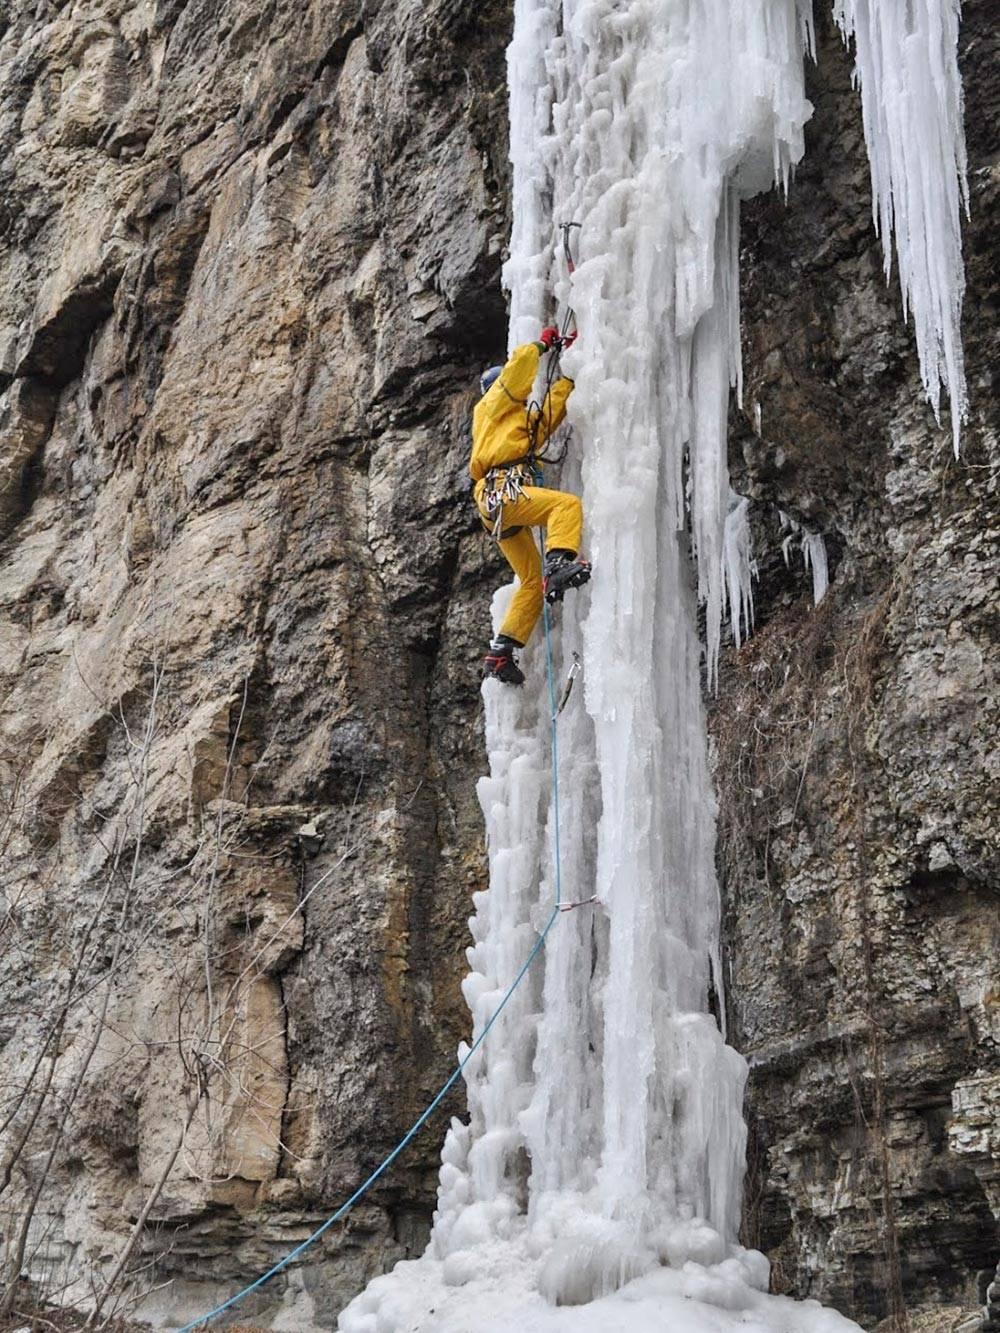 Ледолазный выезд турклуба на замерзшие водопады Каменца-Подольского. Здесь учились работать с ледовым снаряжением: ледобурами, фифами, оттяжками, кошками и прочим